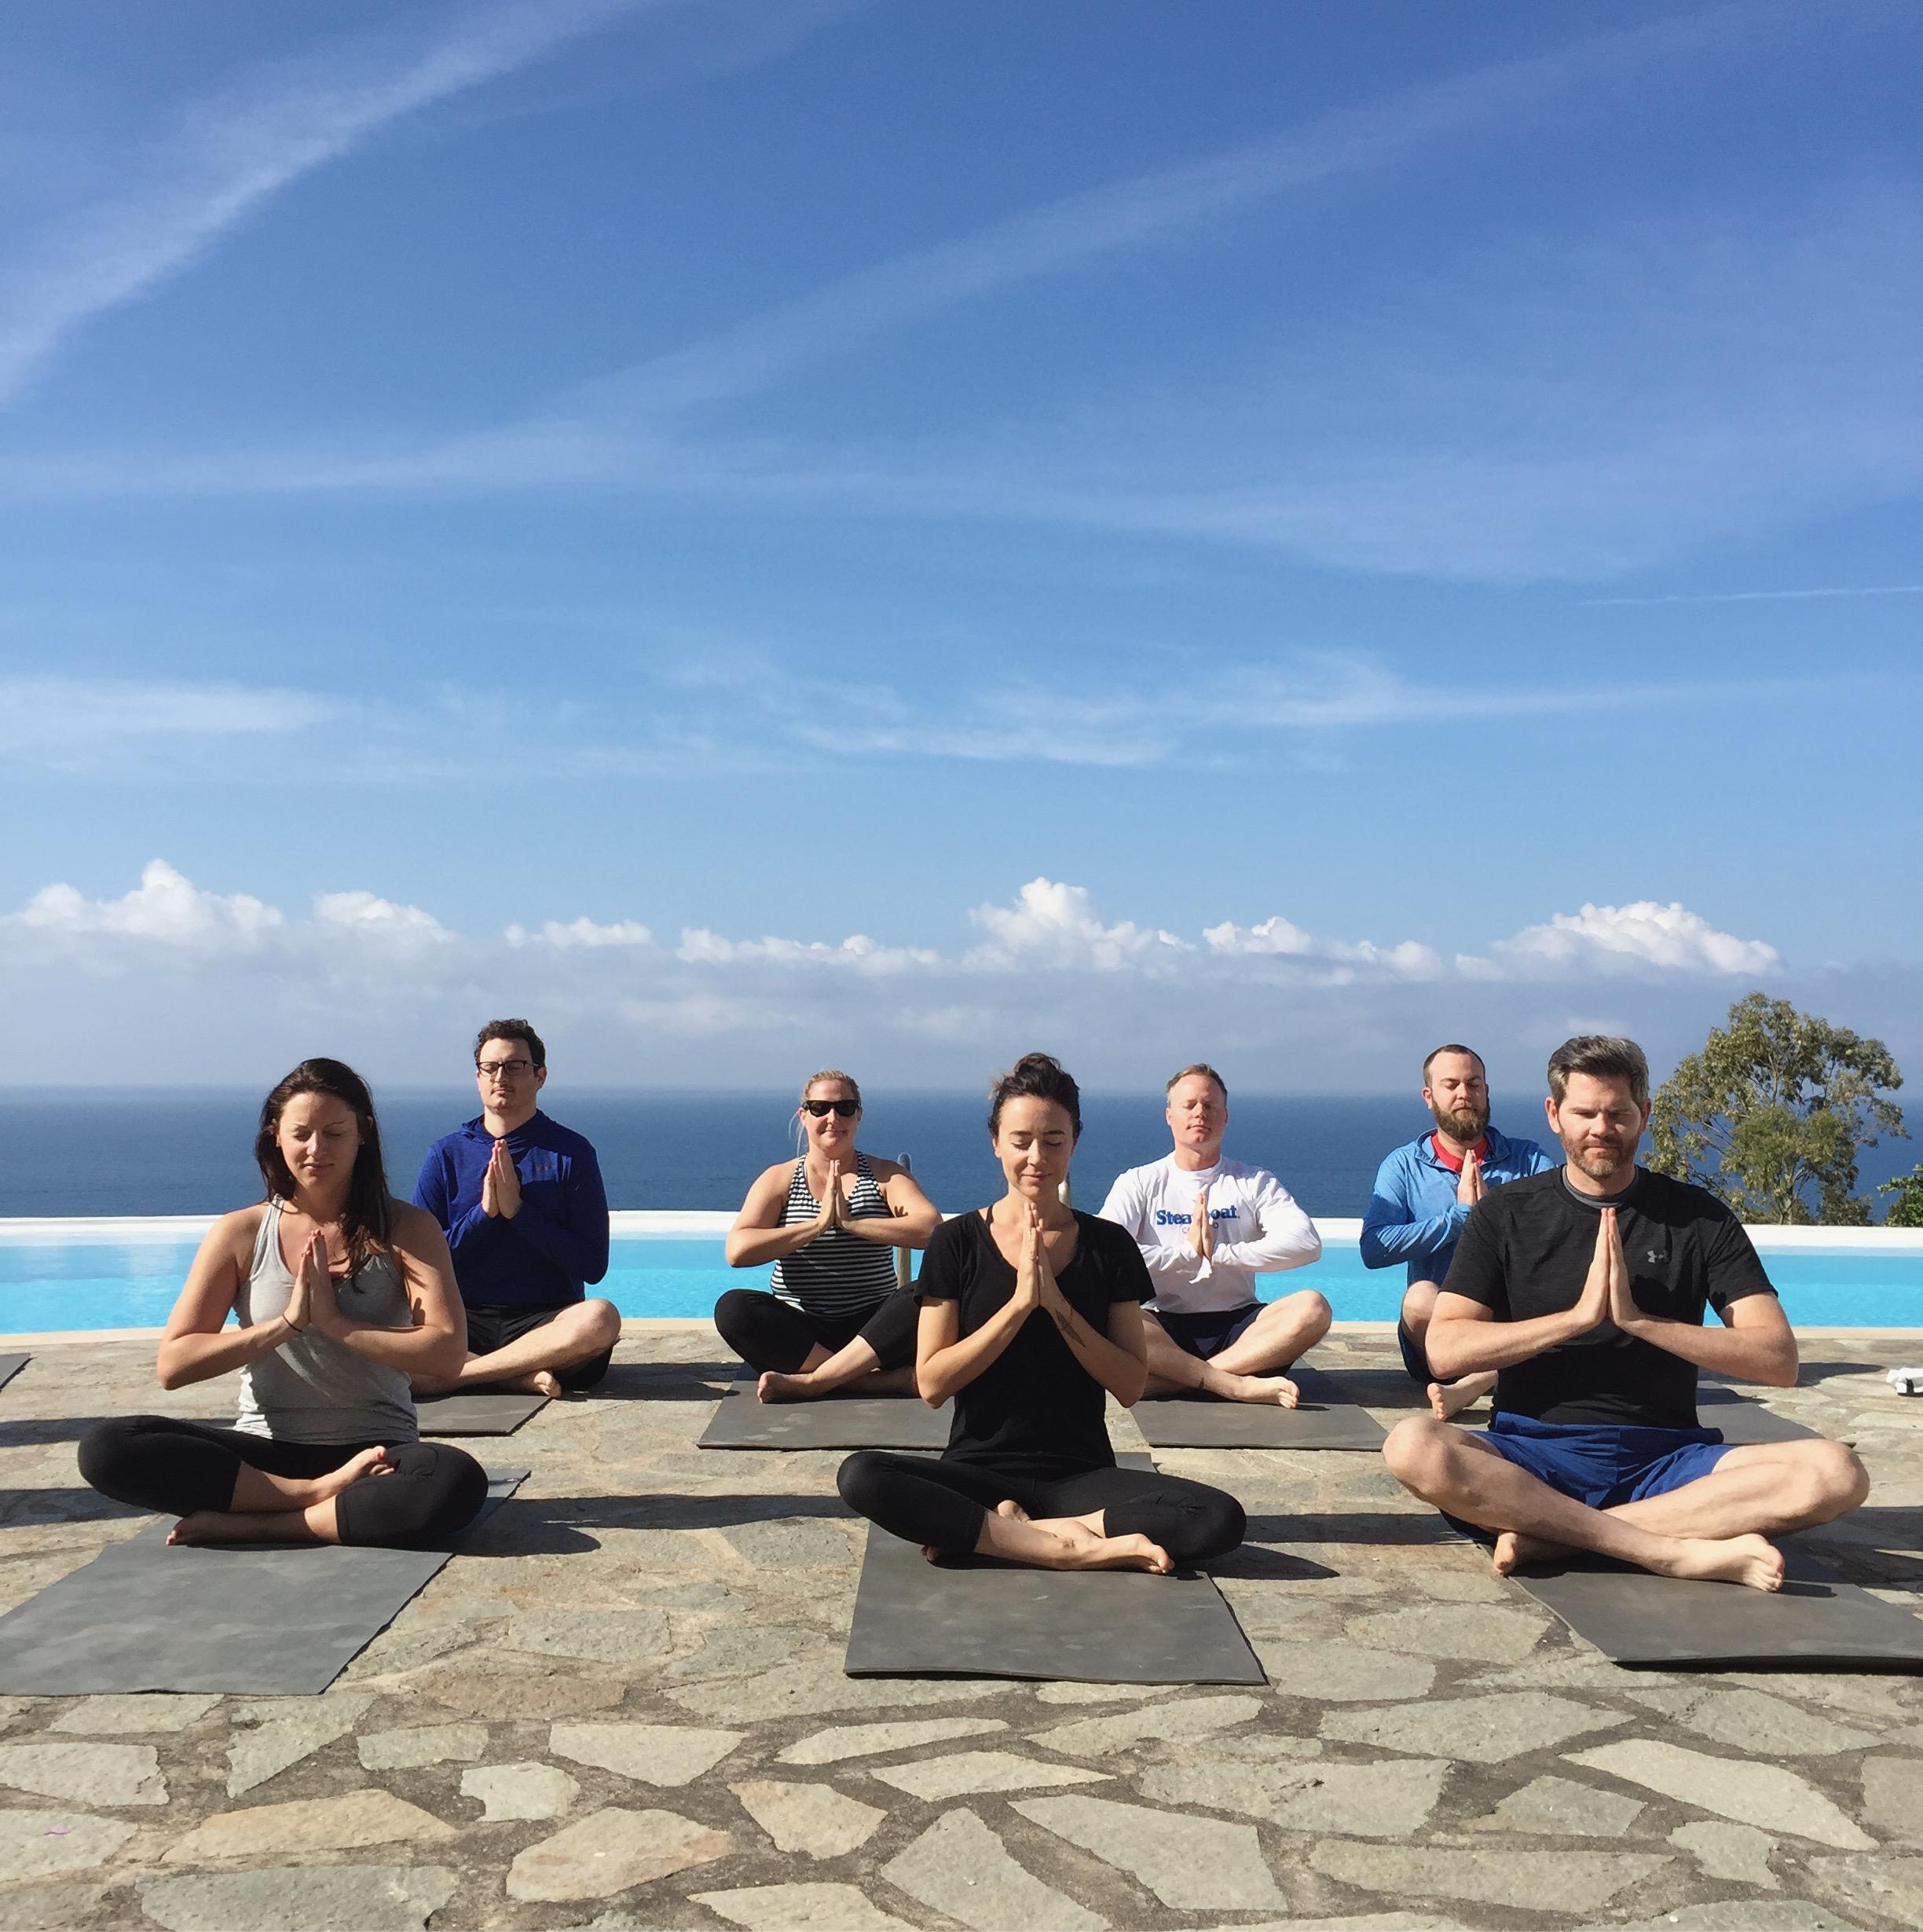 Yoga by the sea EAT.PRAY.MOVE Yoga Retreats | Amalfi Coast, Italy